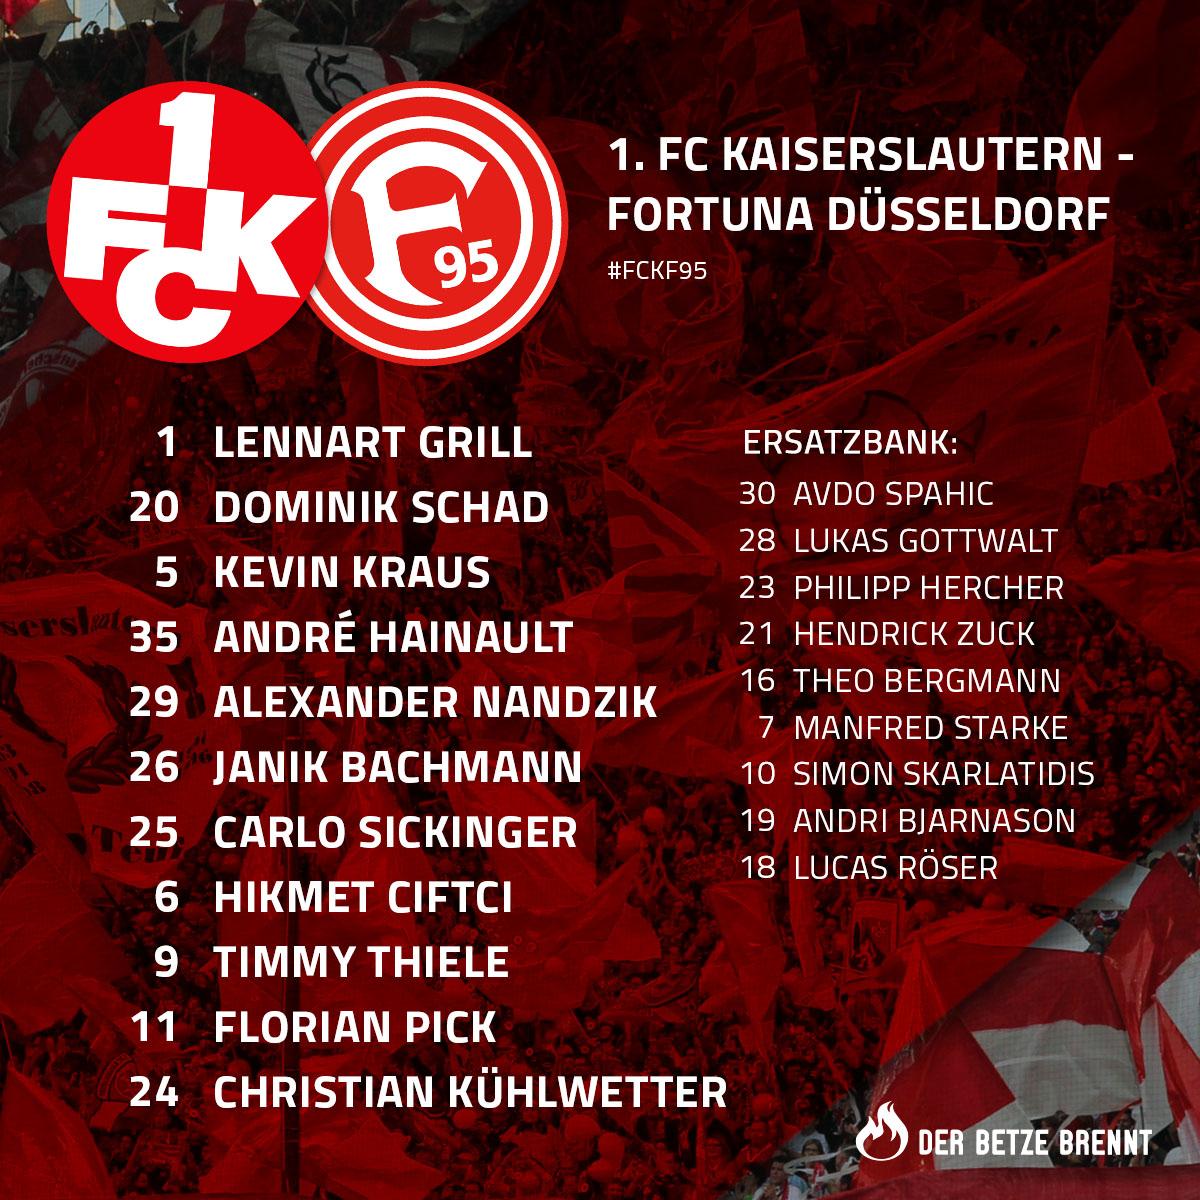 #FCKF95